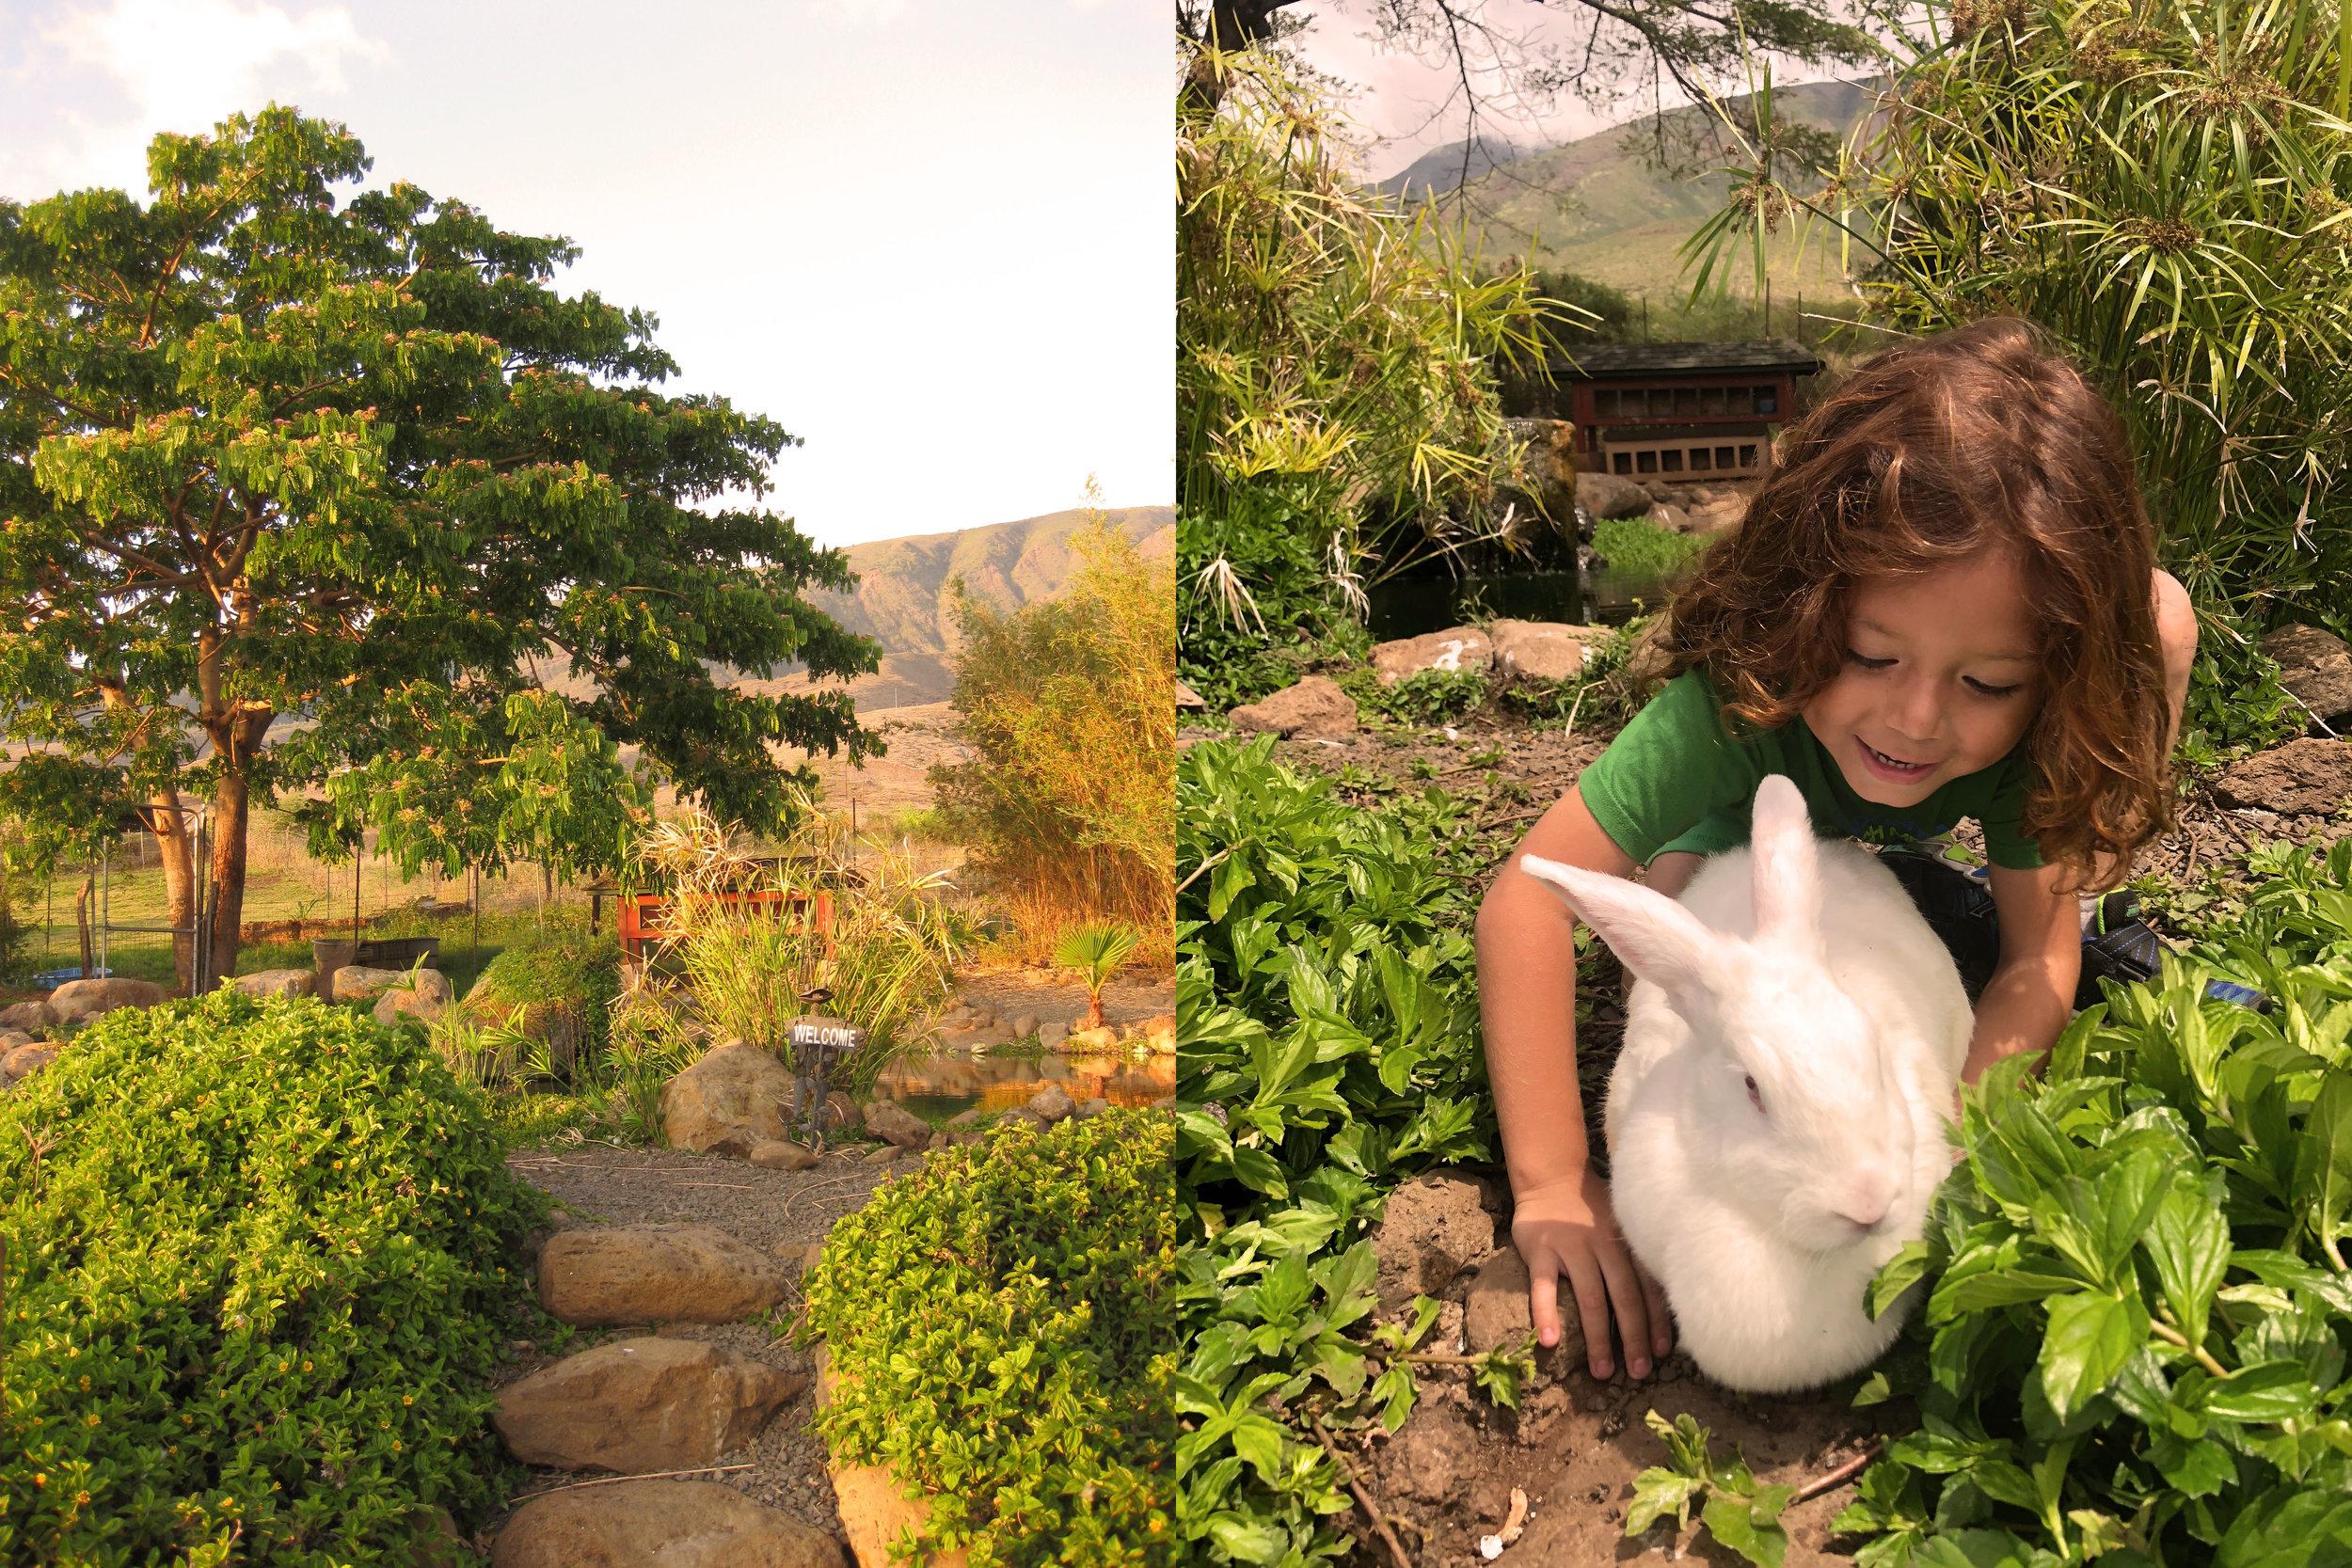 Maui-lahaina-animal-farm-pond.jpg